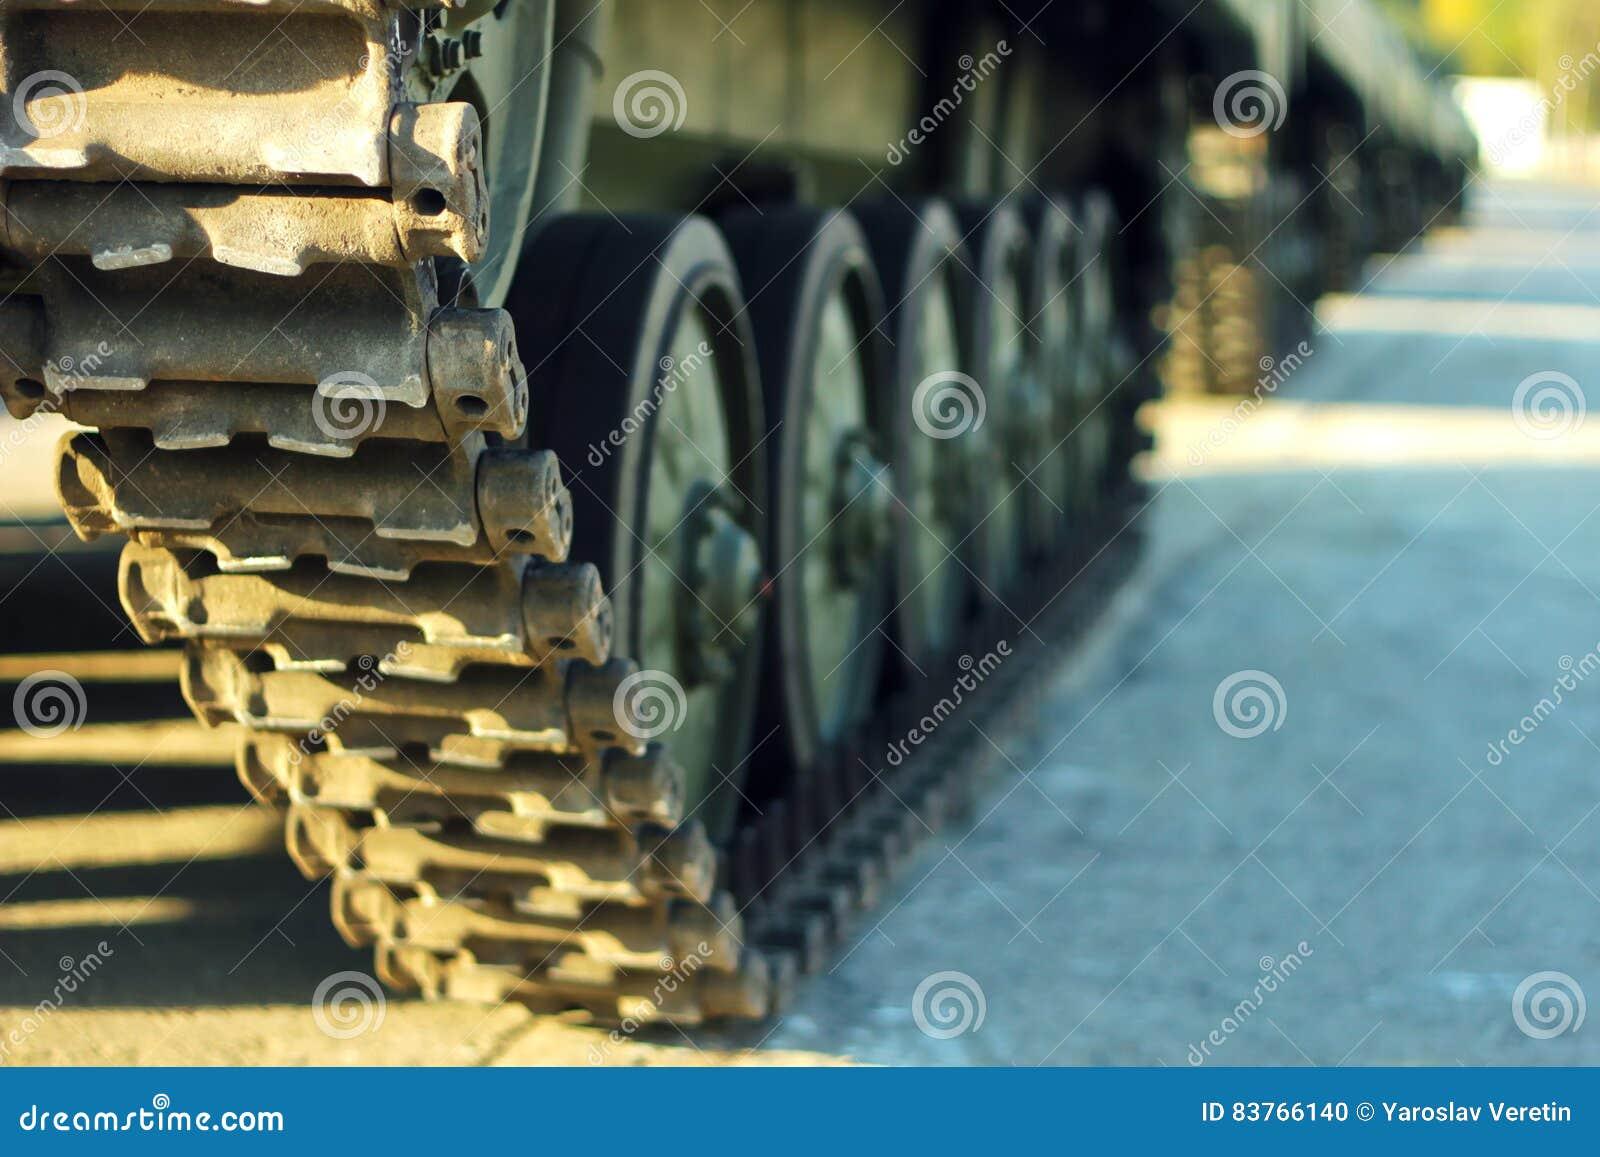 Behållare för tungt artilleri på militär